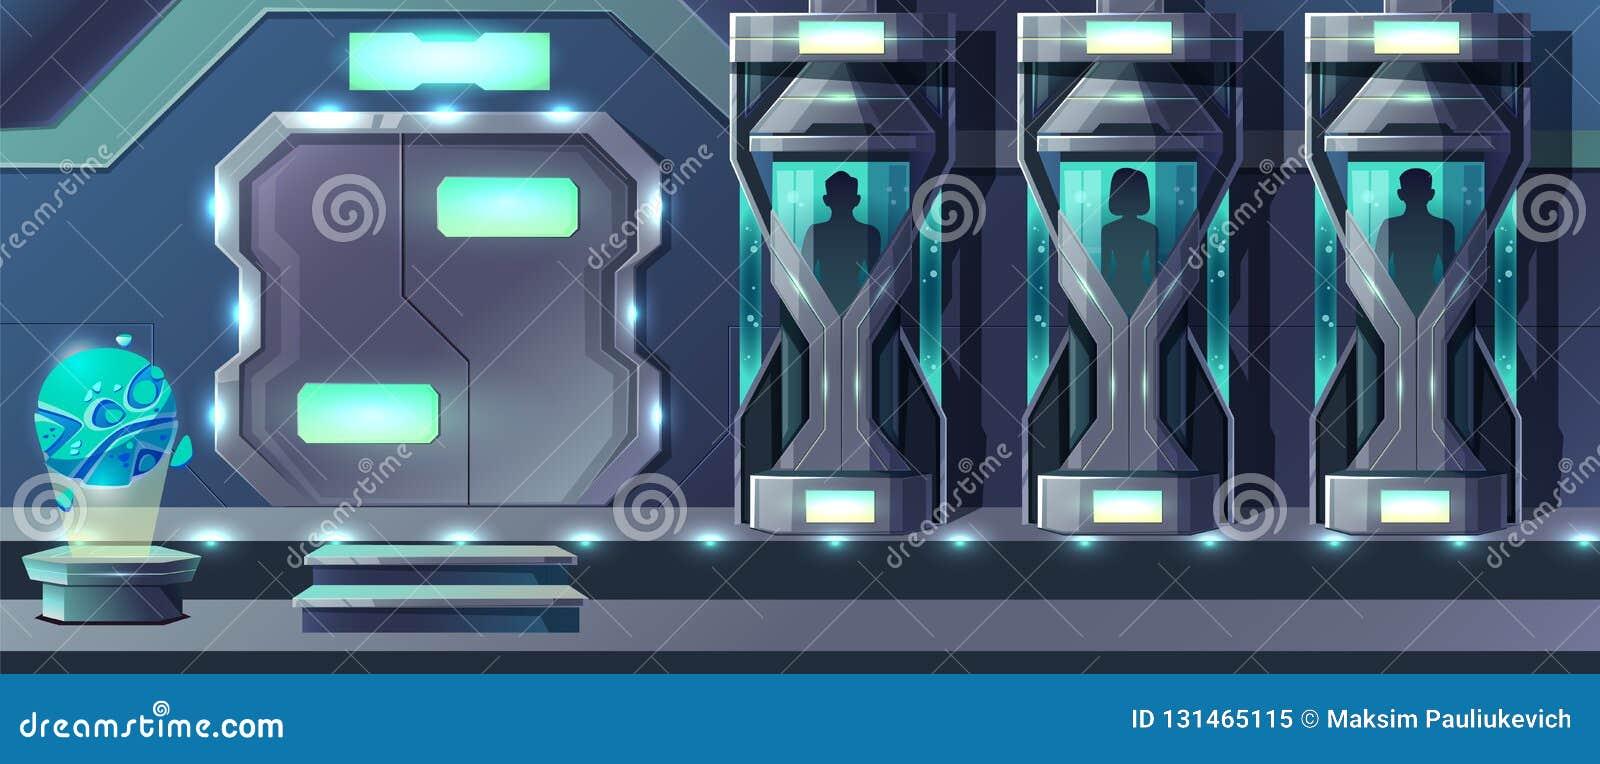 Concetto di vettore del fumetto del laboratorio della clonazione umana